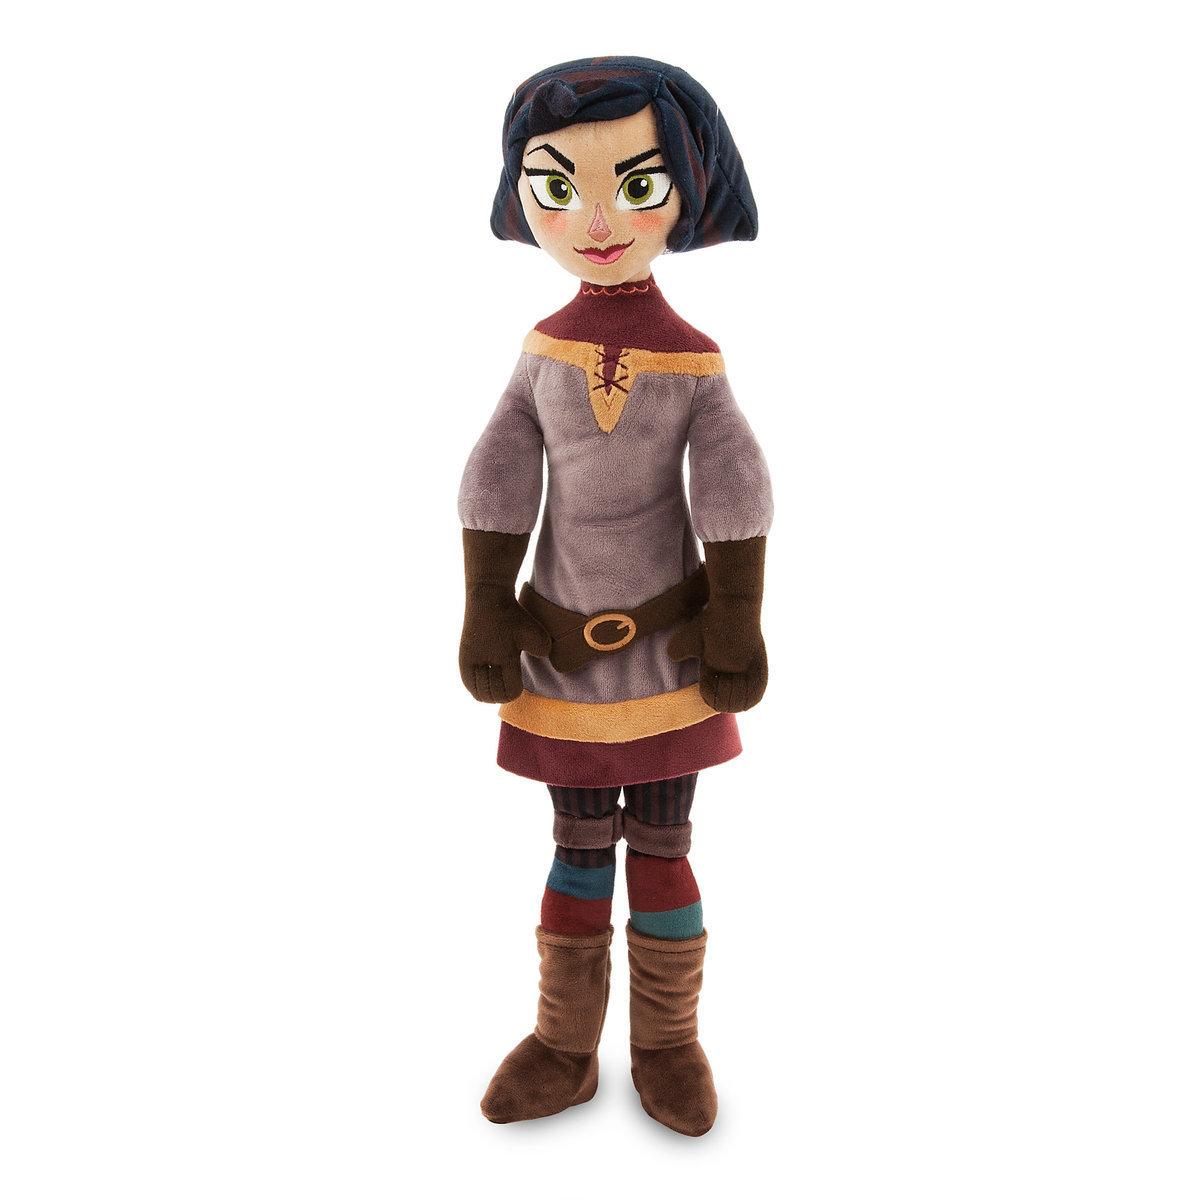 Мягкая кукла «Кассандра» - Дисней - 48 см